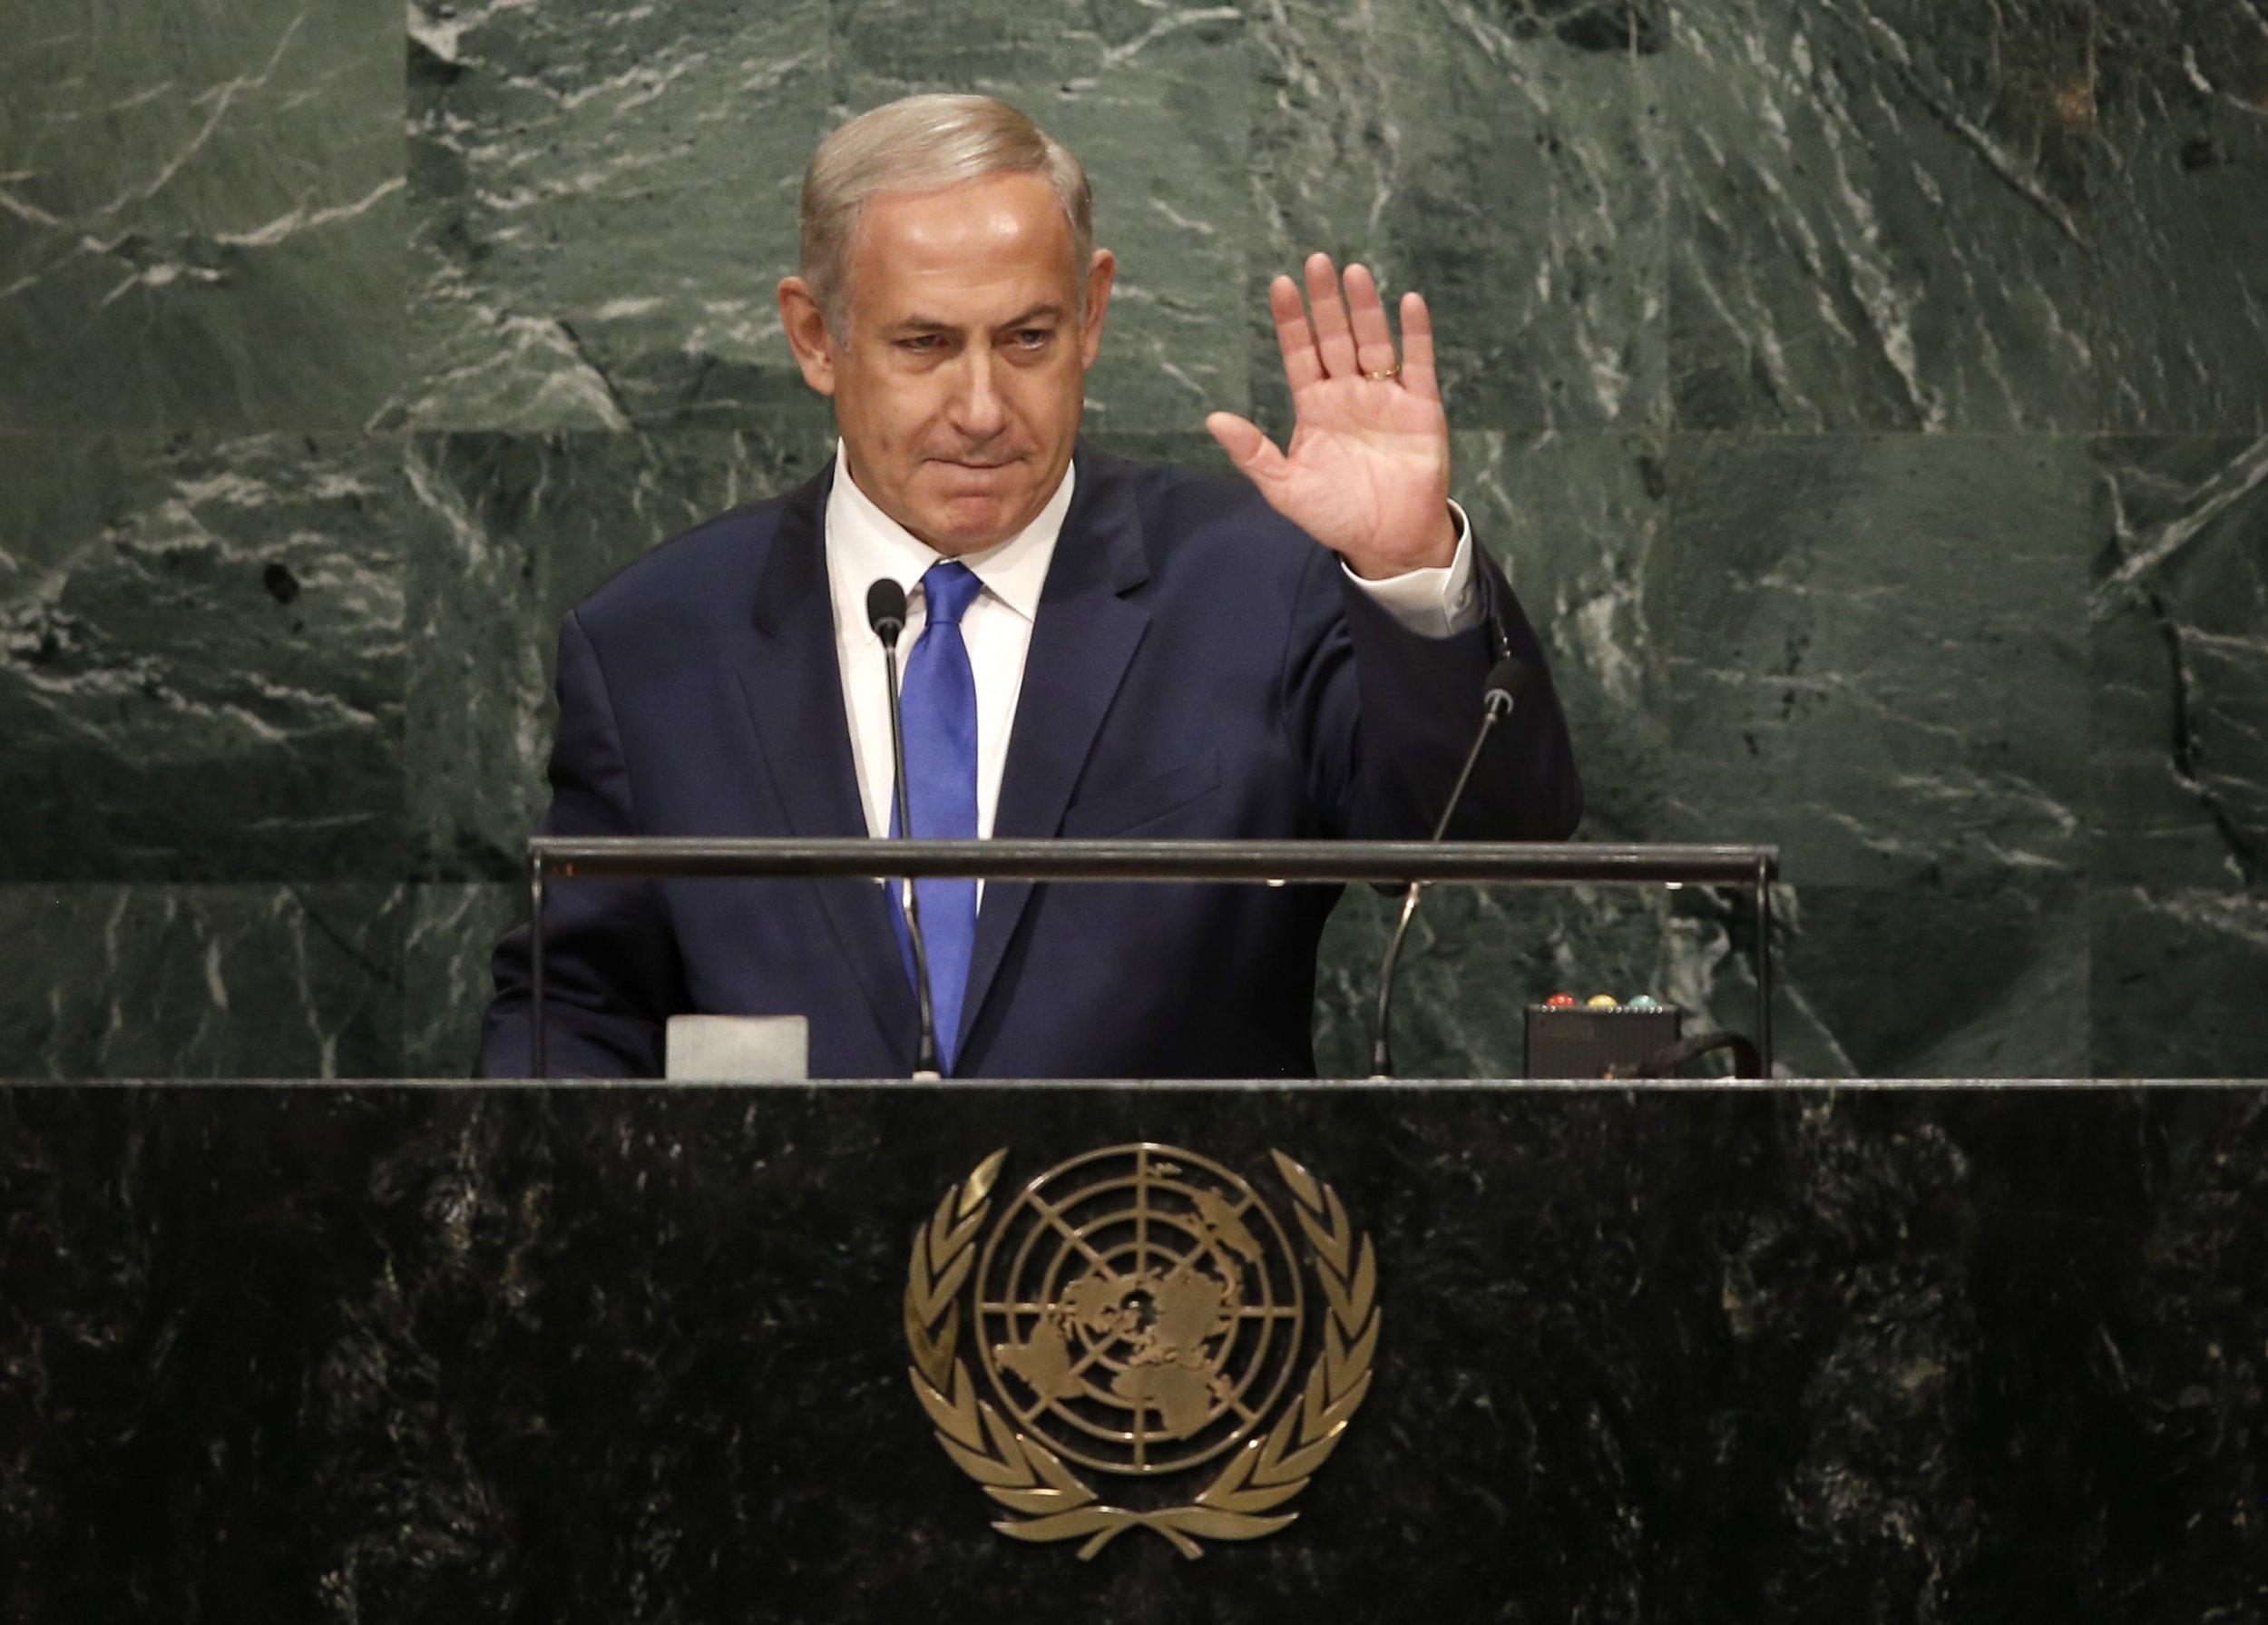 Netanyahu at the U.N.